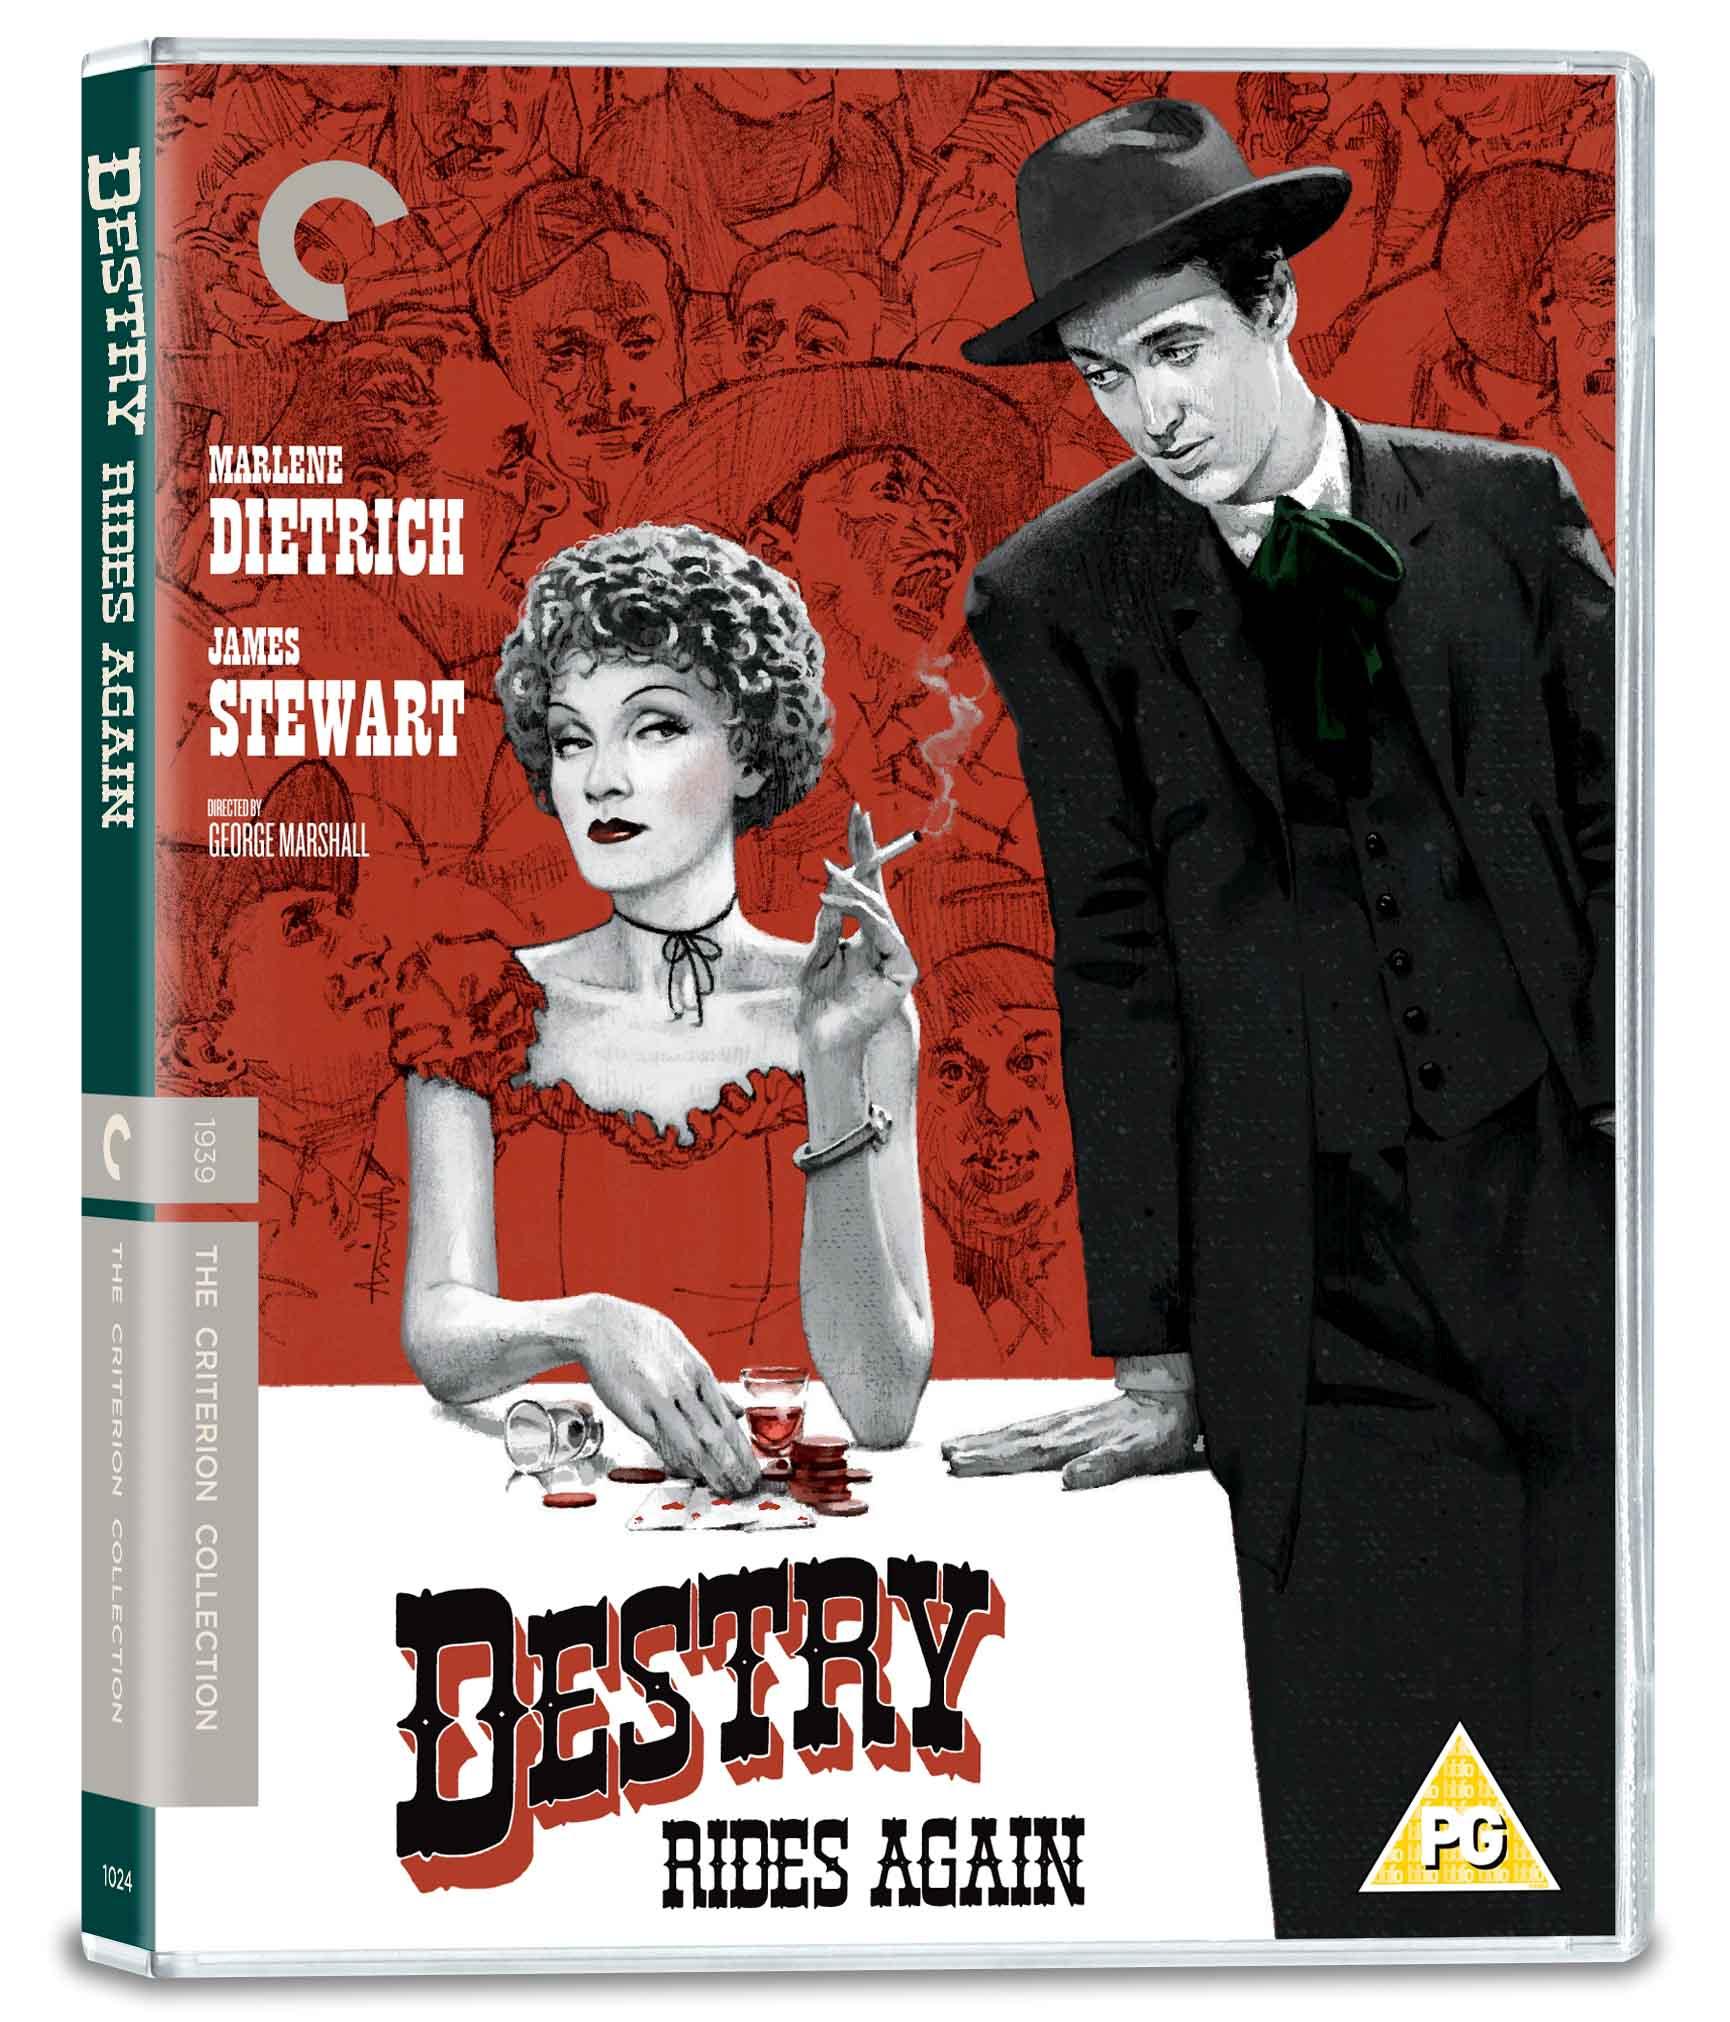 Buy Destry Rides Again (Blu-ray)